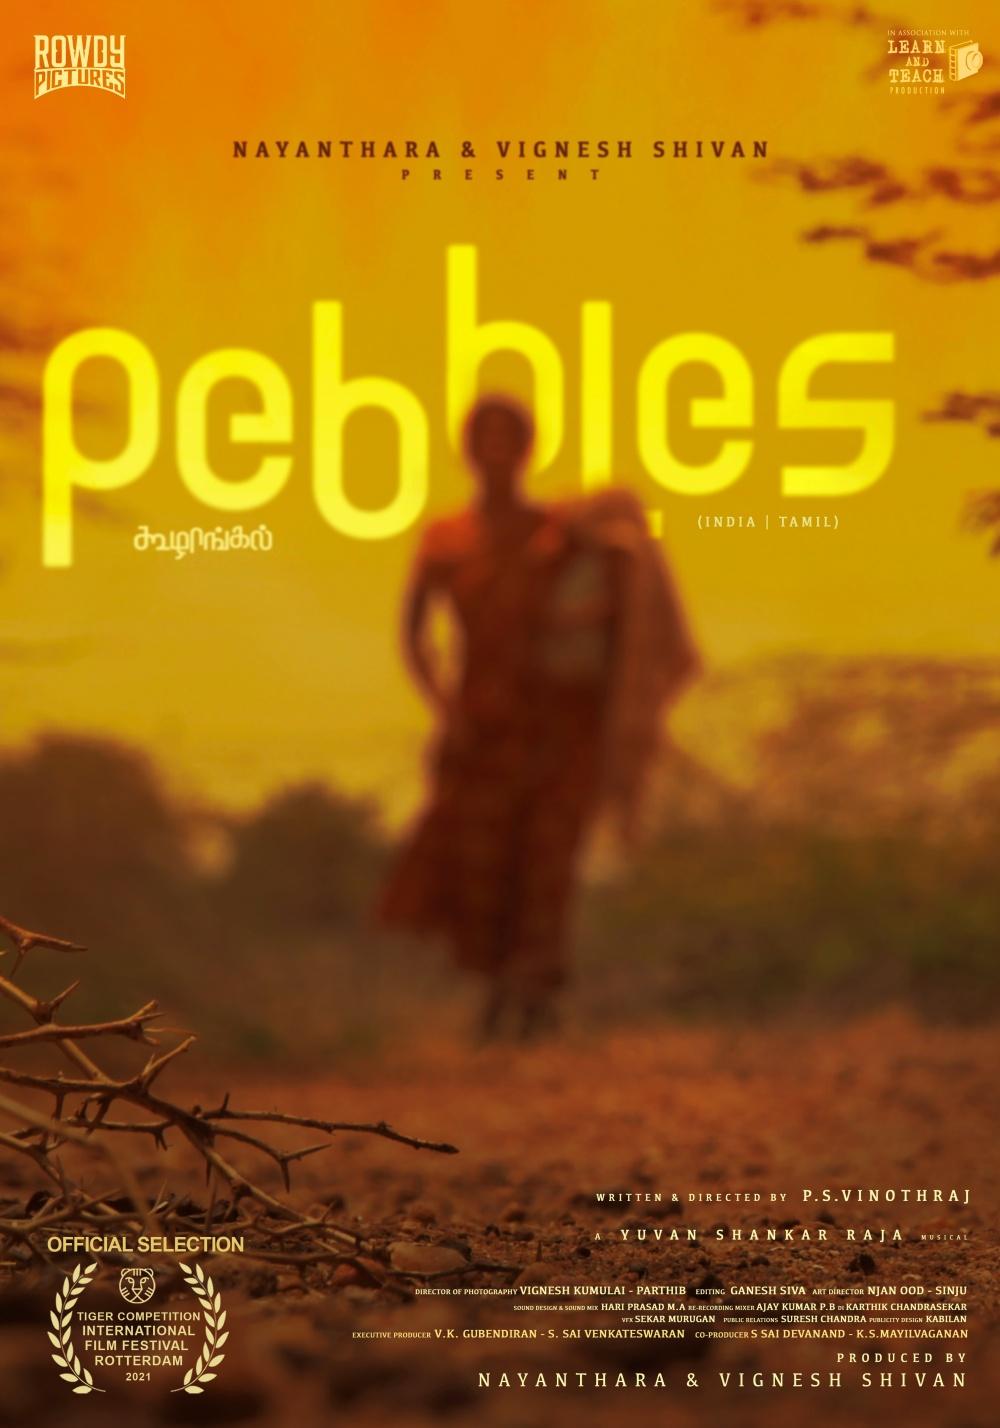 Pebbles film affiche réalisé par P.S. Vinothraj